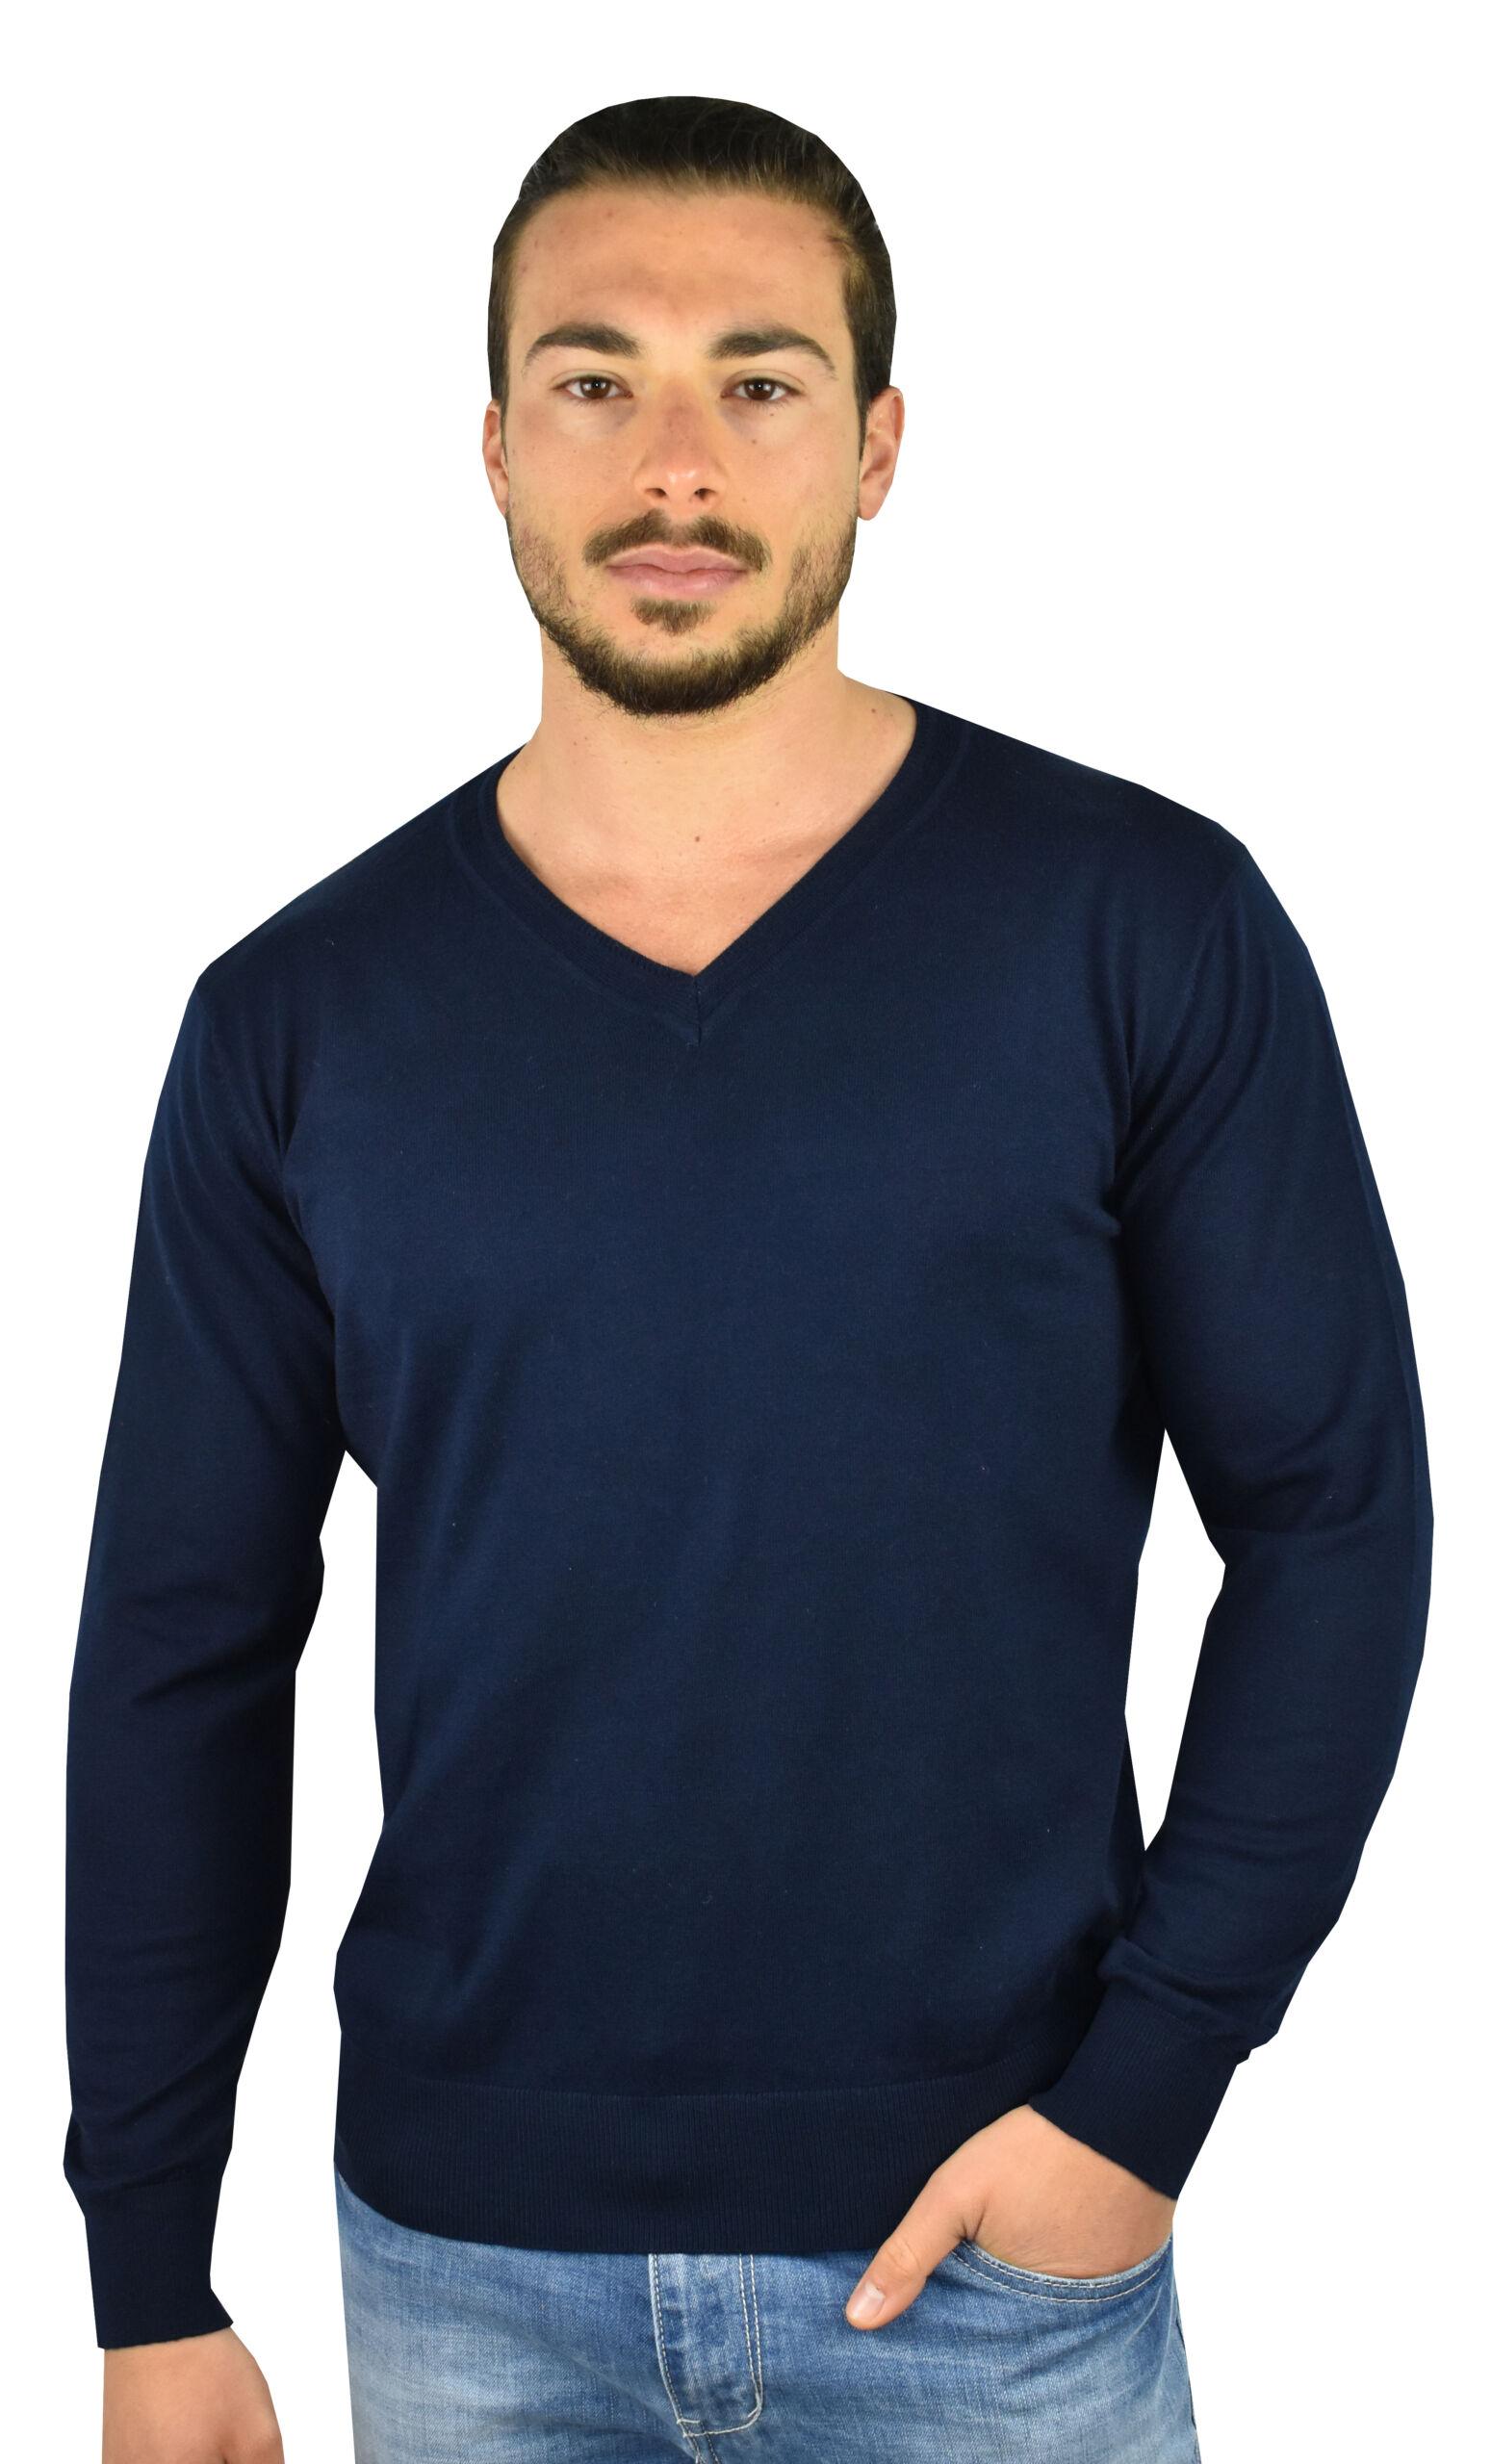 Orlando maglia 70% cotone 30% seta da uomo collo a v manica lunga finezza 14